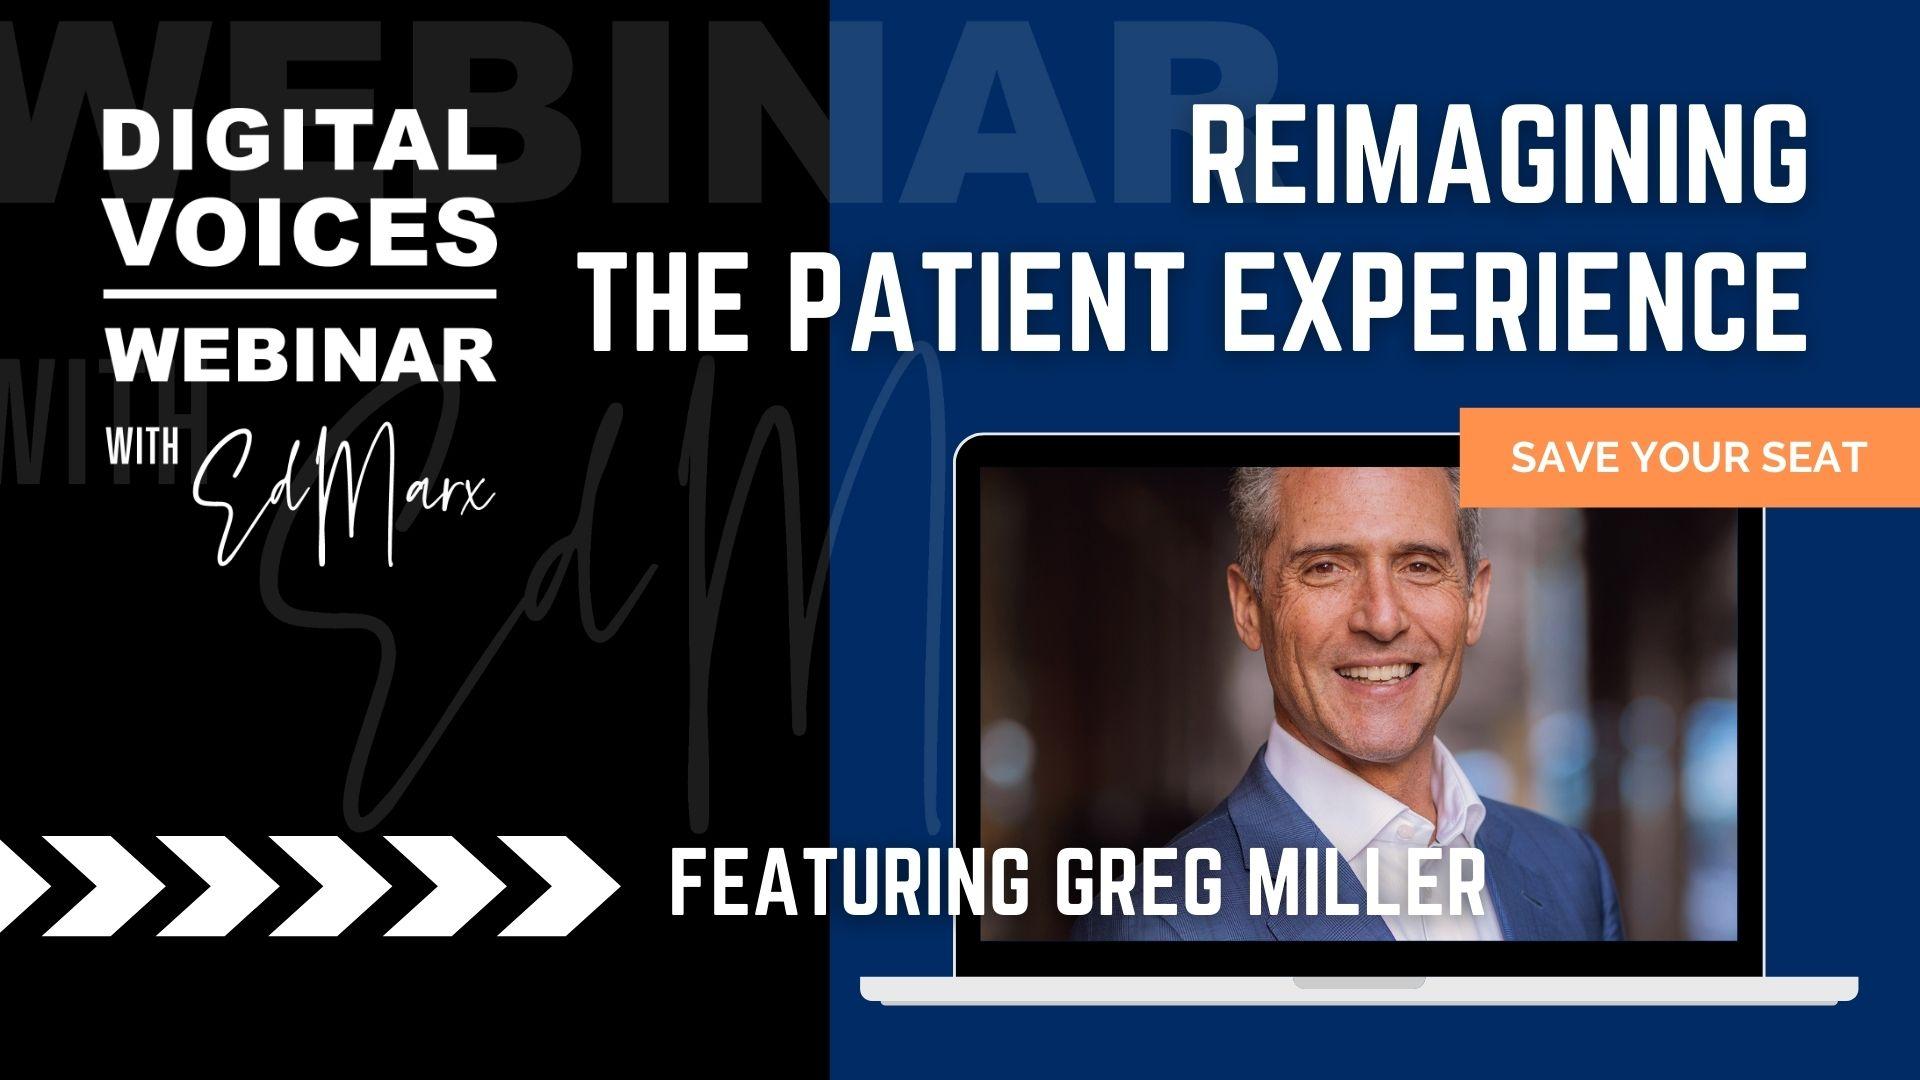 Reimagining the patient experience greg miller